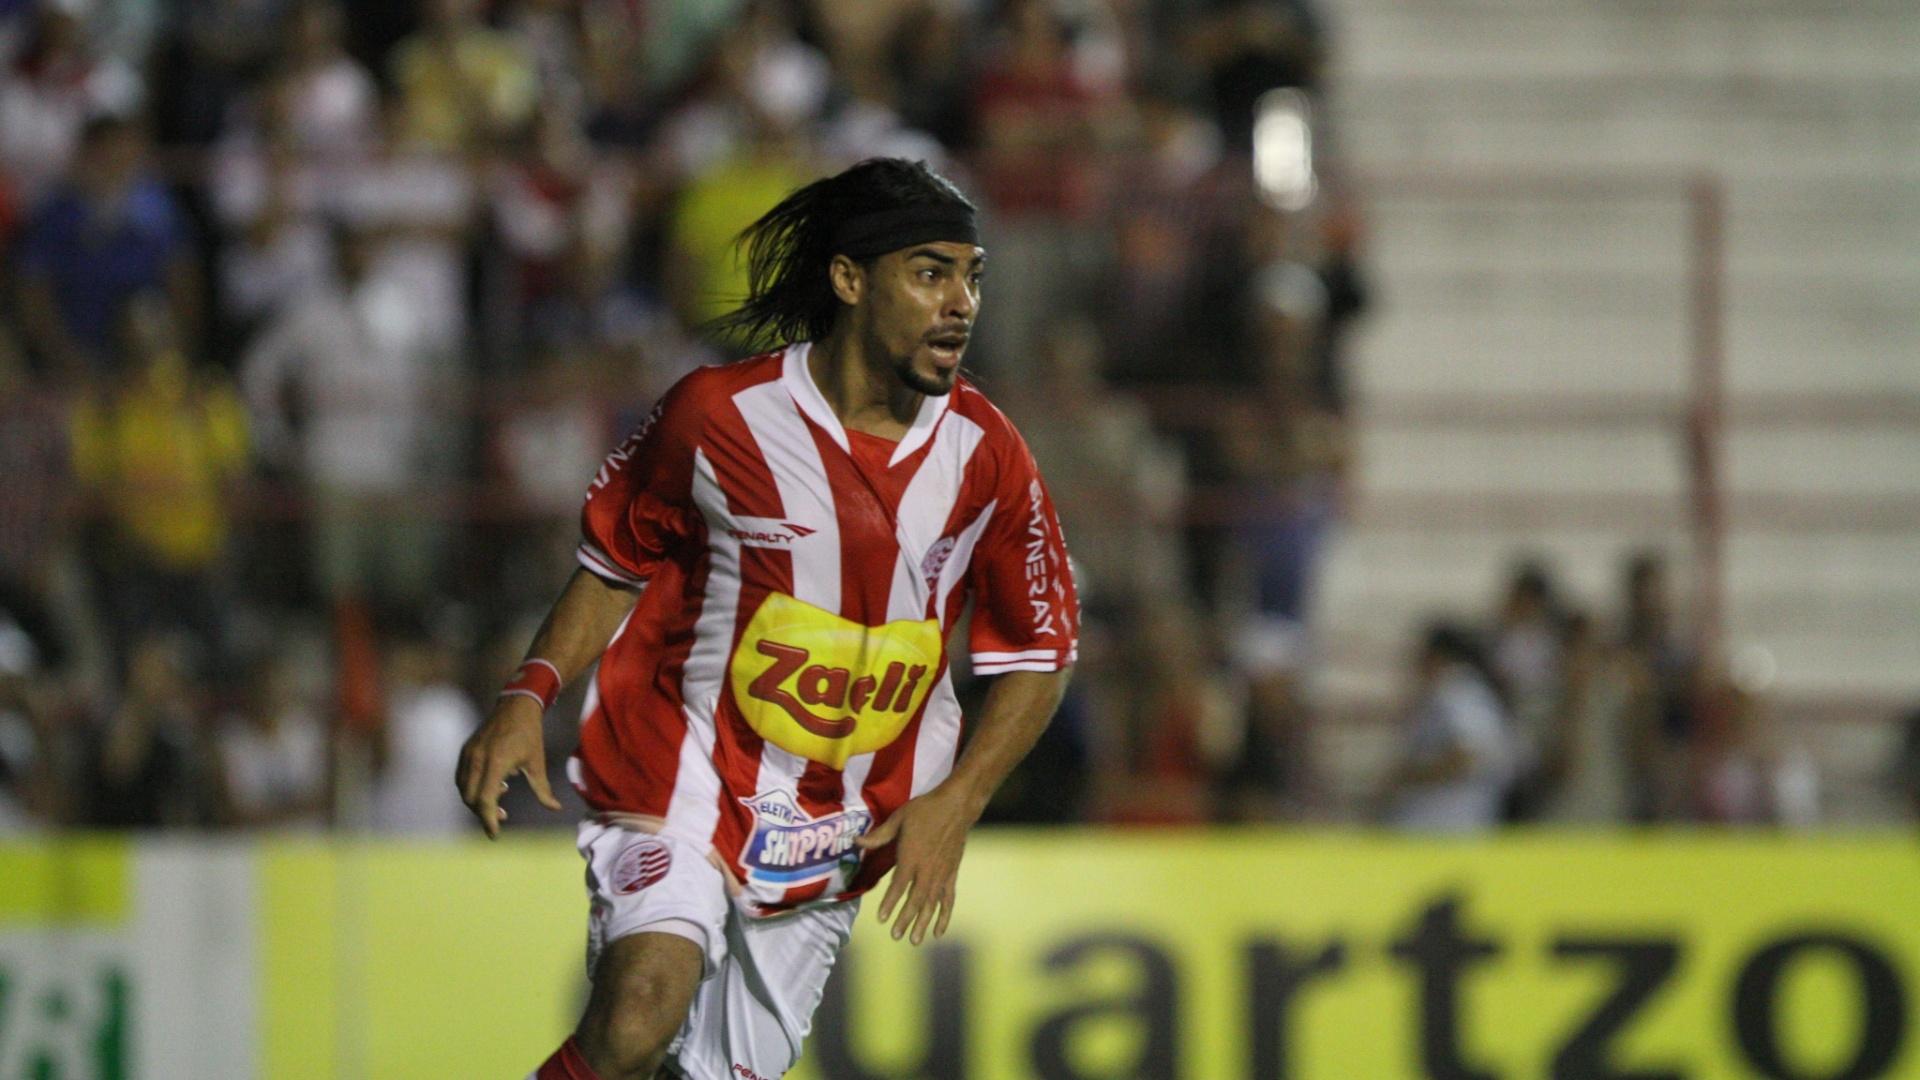 Araújo comemora um dos gols da vitória por 3 a 0 do Náutico sobre o São Paulo nos Aflitos